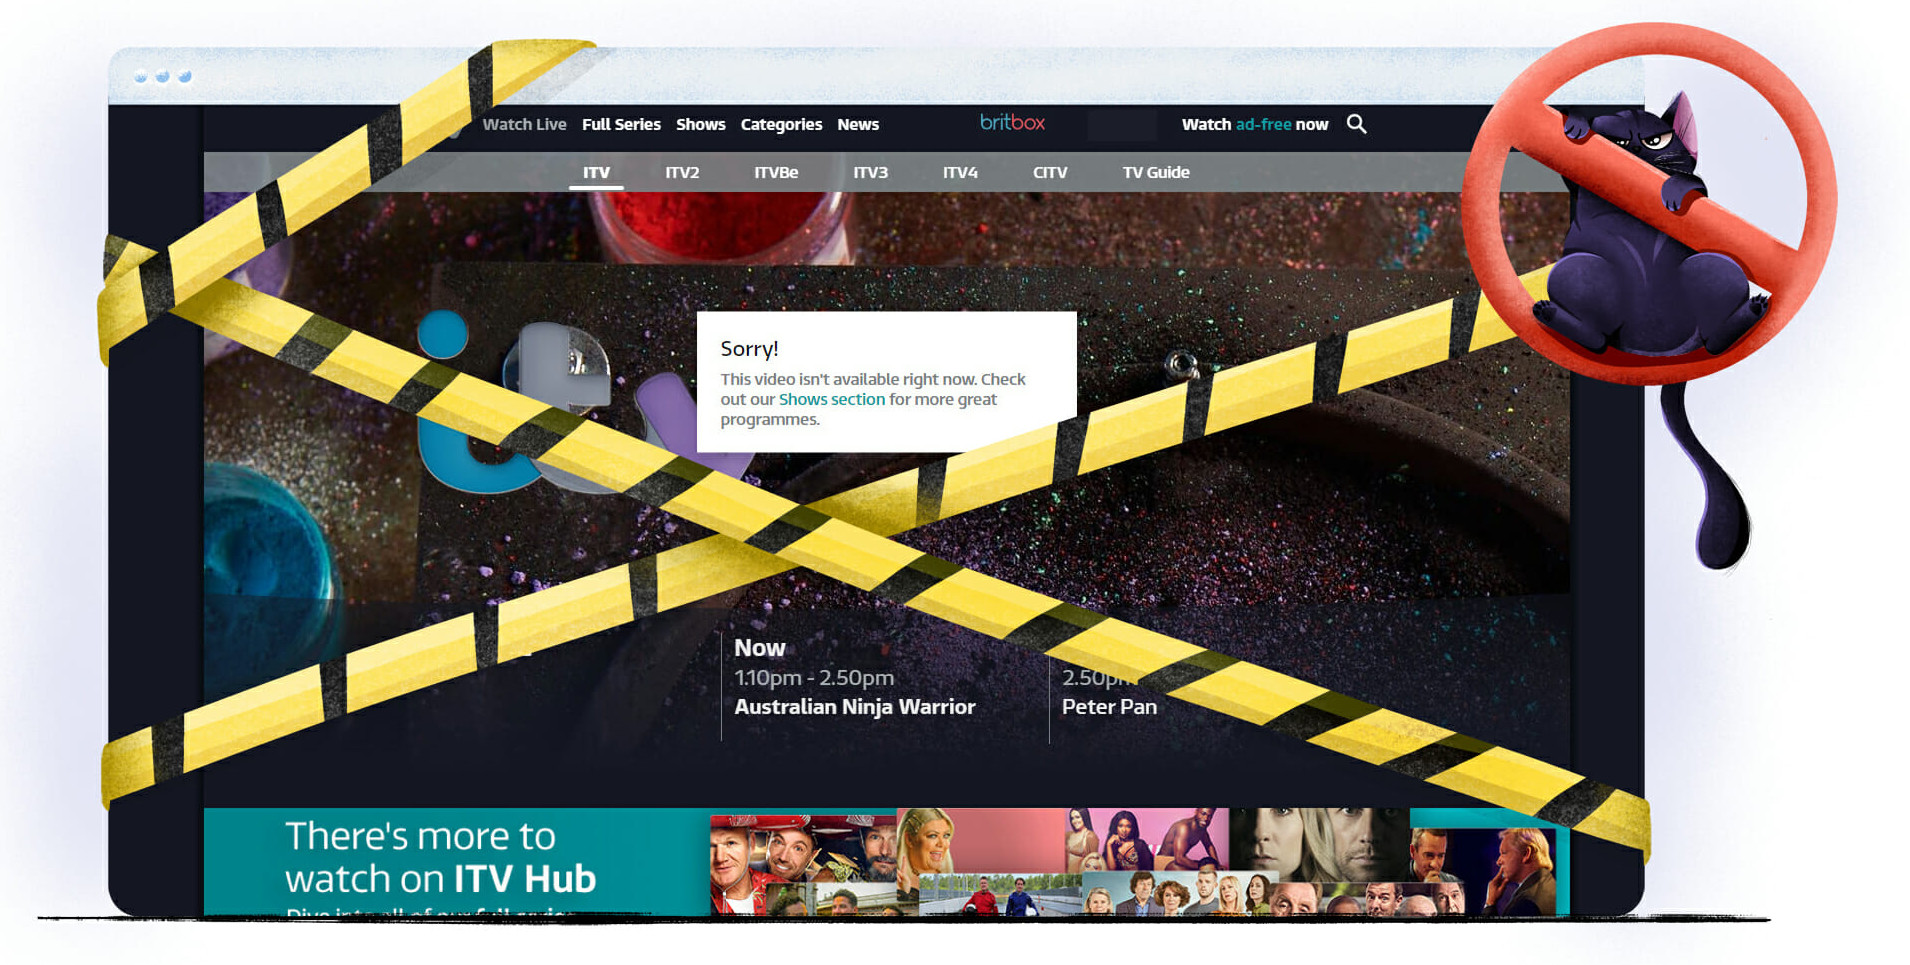 Brytyjska stacja ITV Hub niedostępna w Polsce